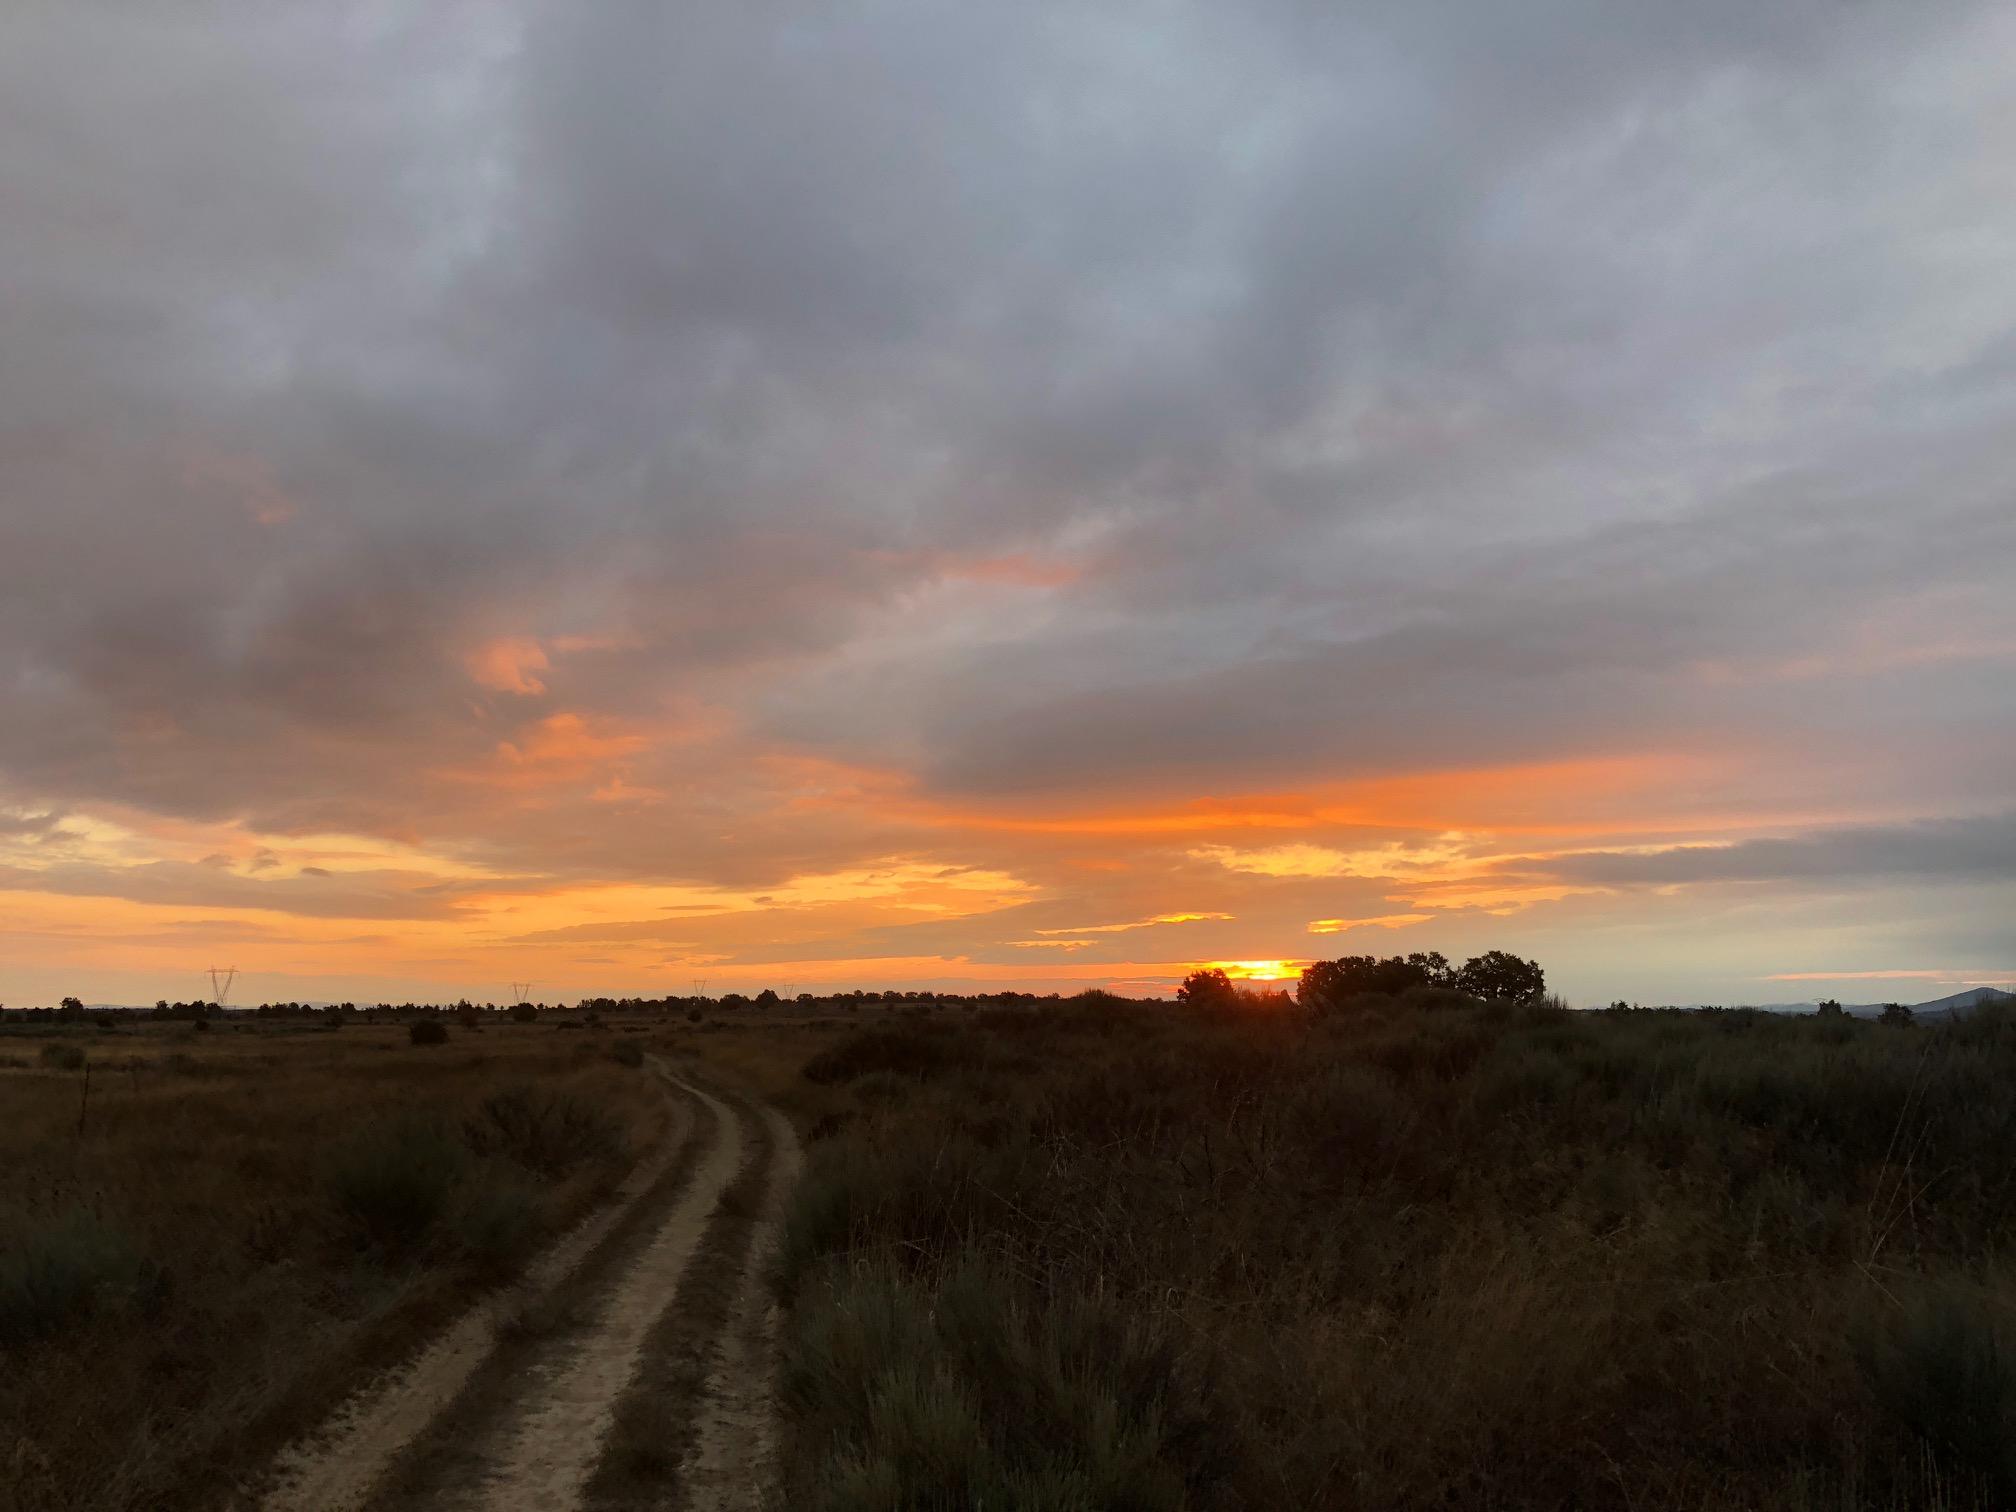 Saturday morning, sunrise